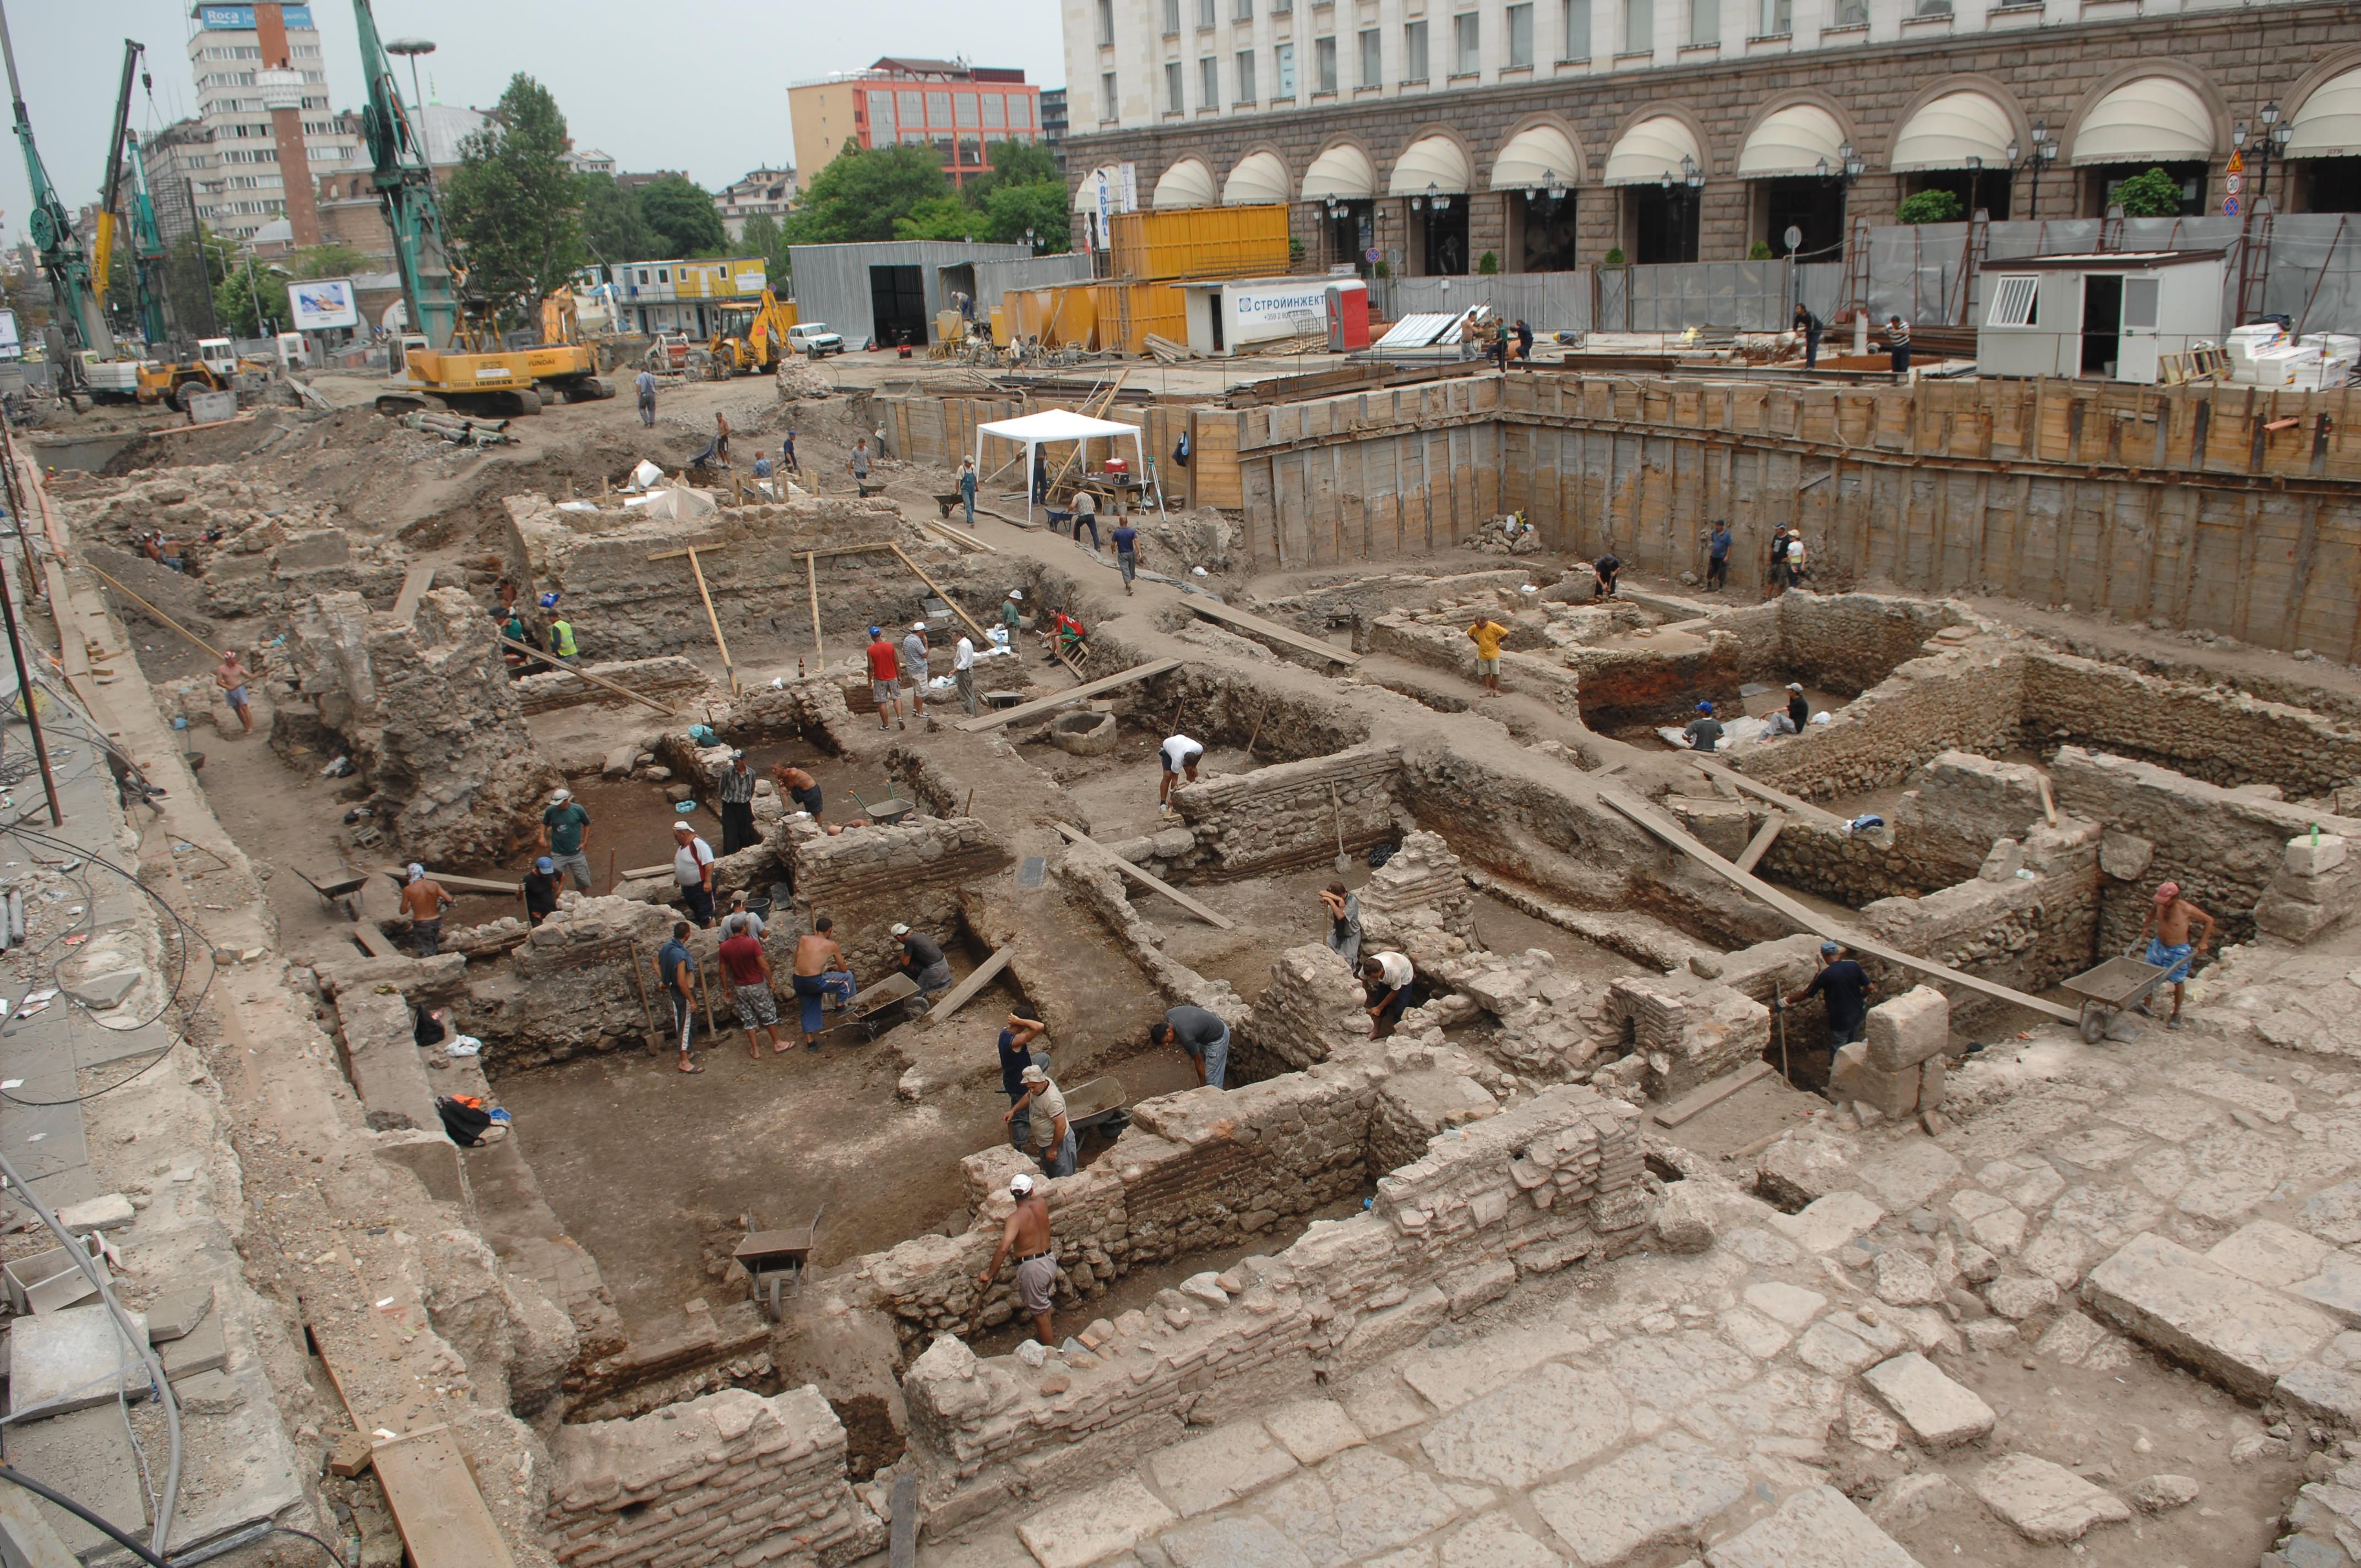 Roman city emerges from Sofia metro excavations